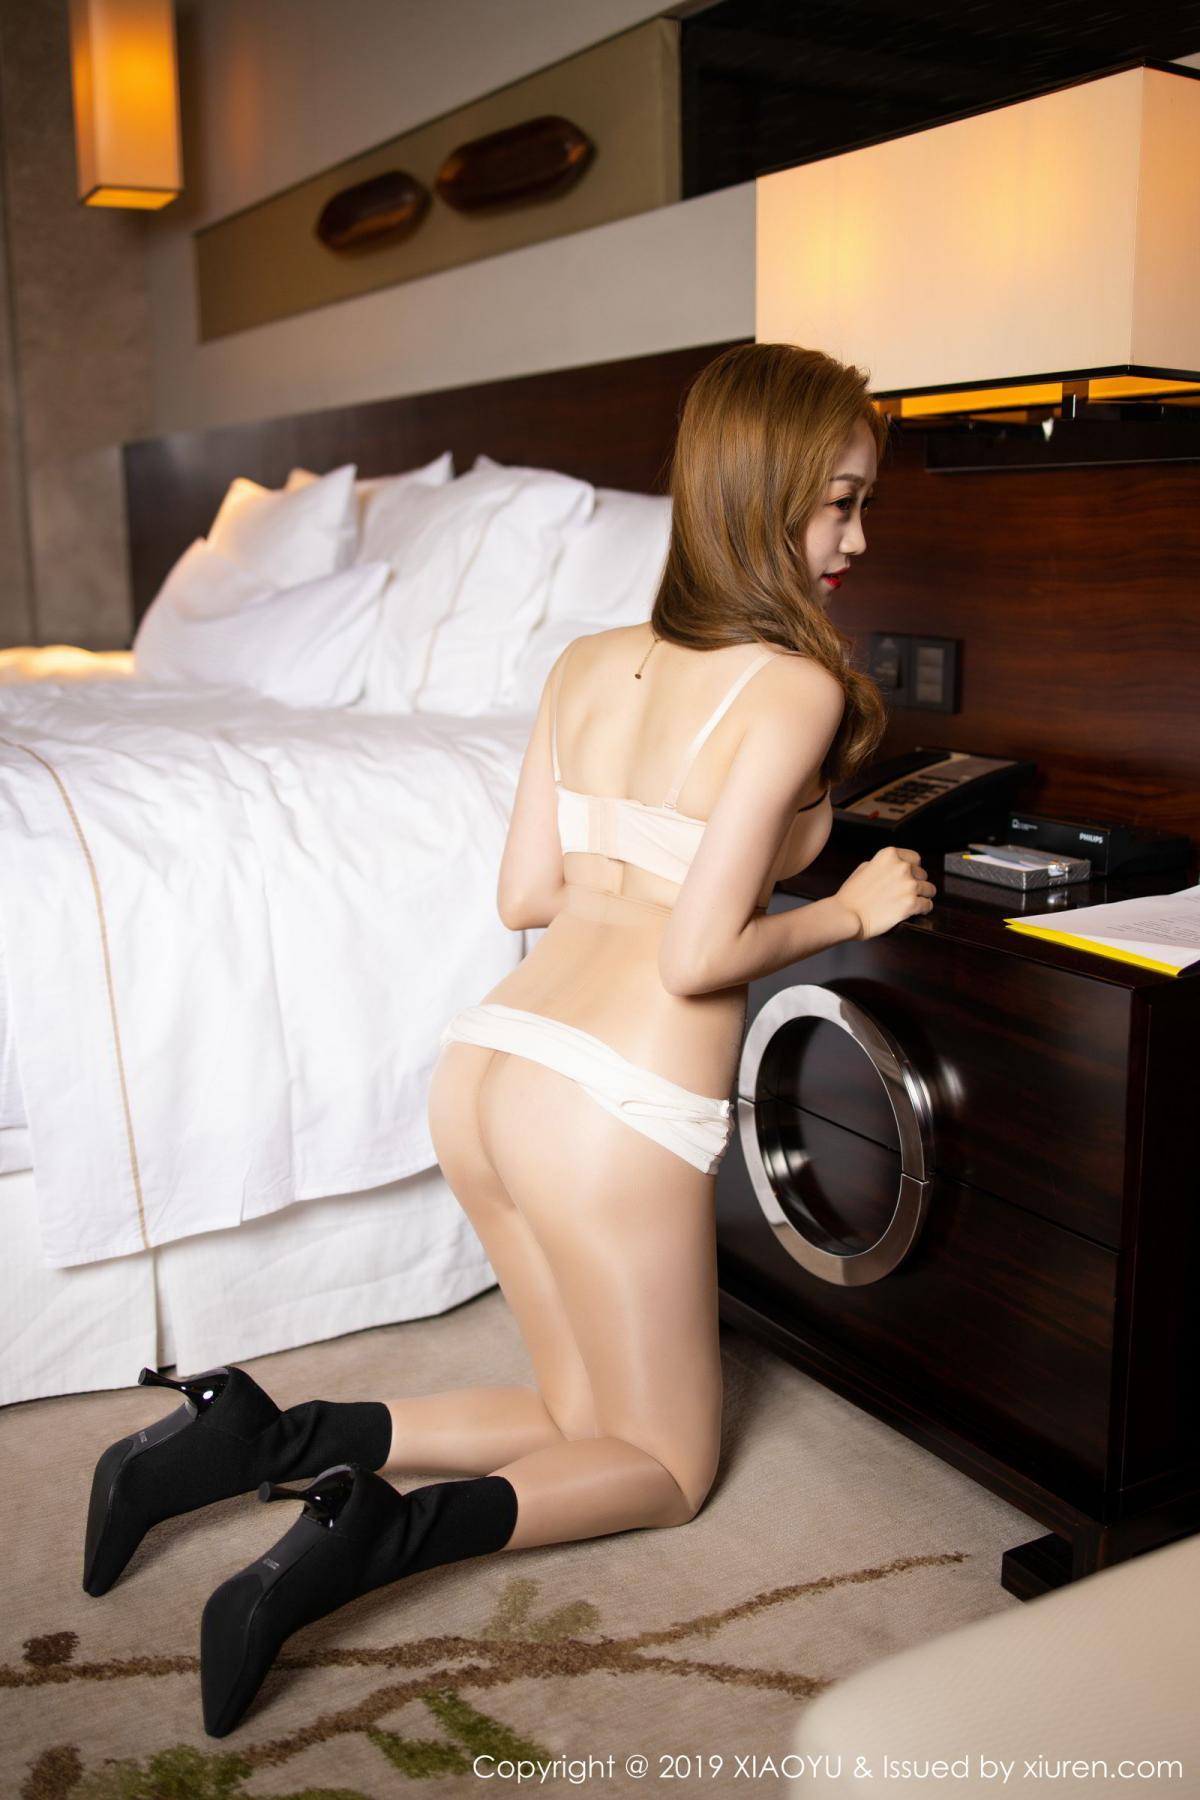 [XiaoYu] Vol.176 Yuner Claire 22P, Underwear, XiaoYu, Yuner Claire